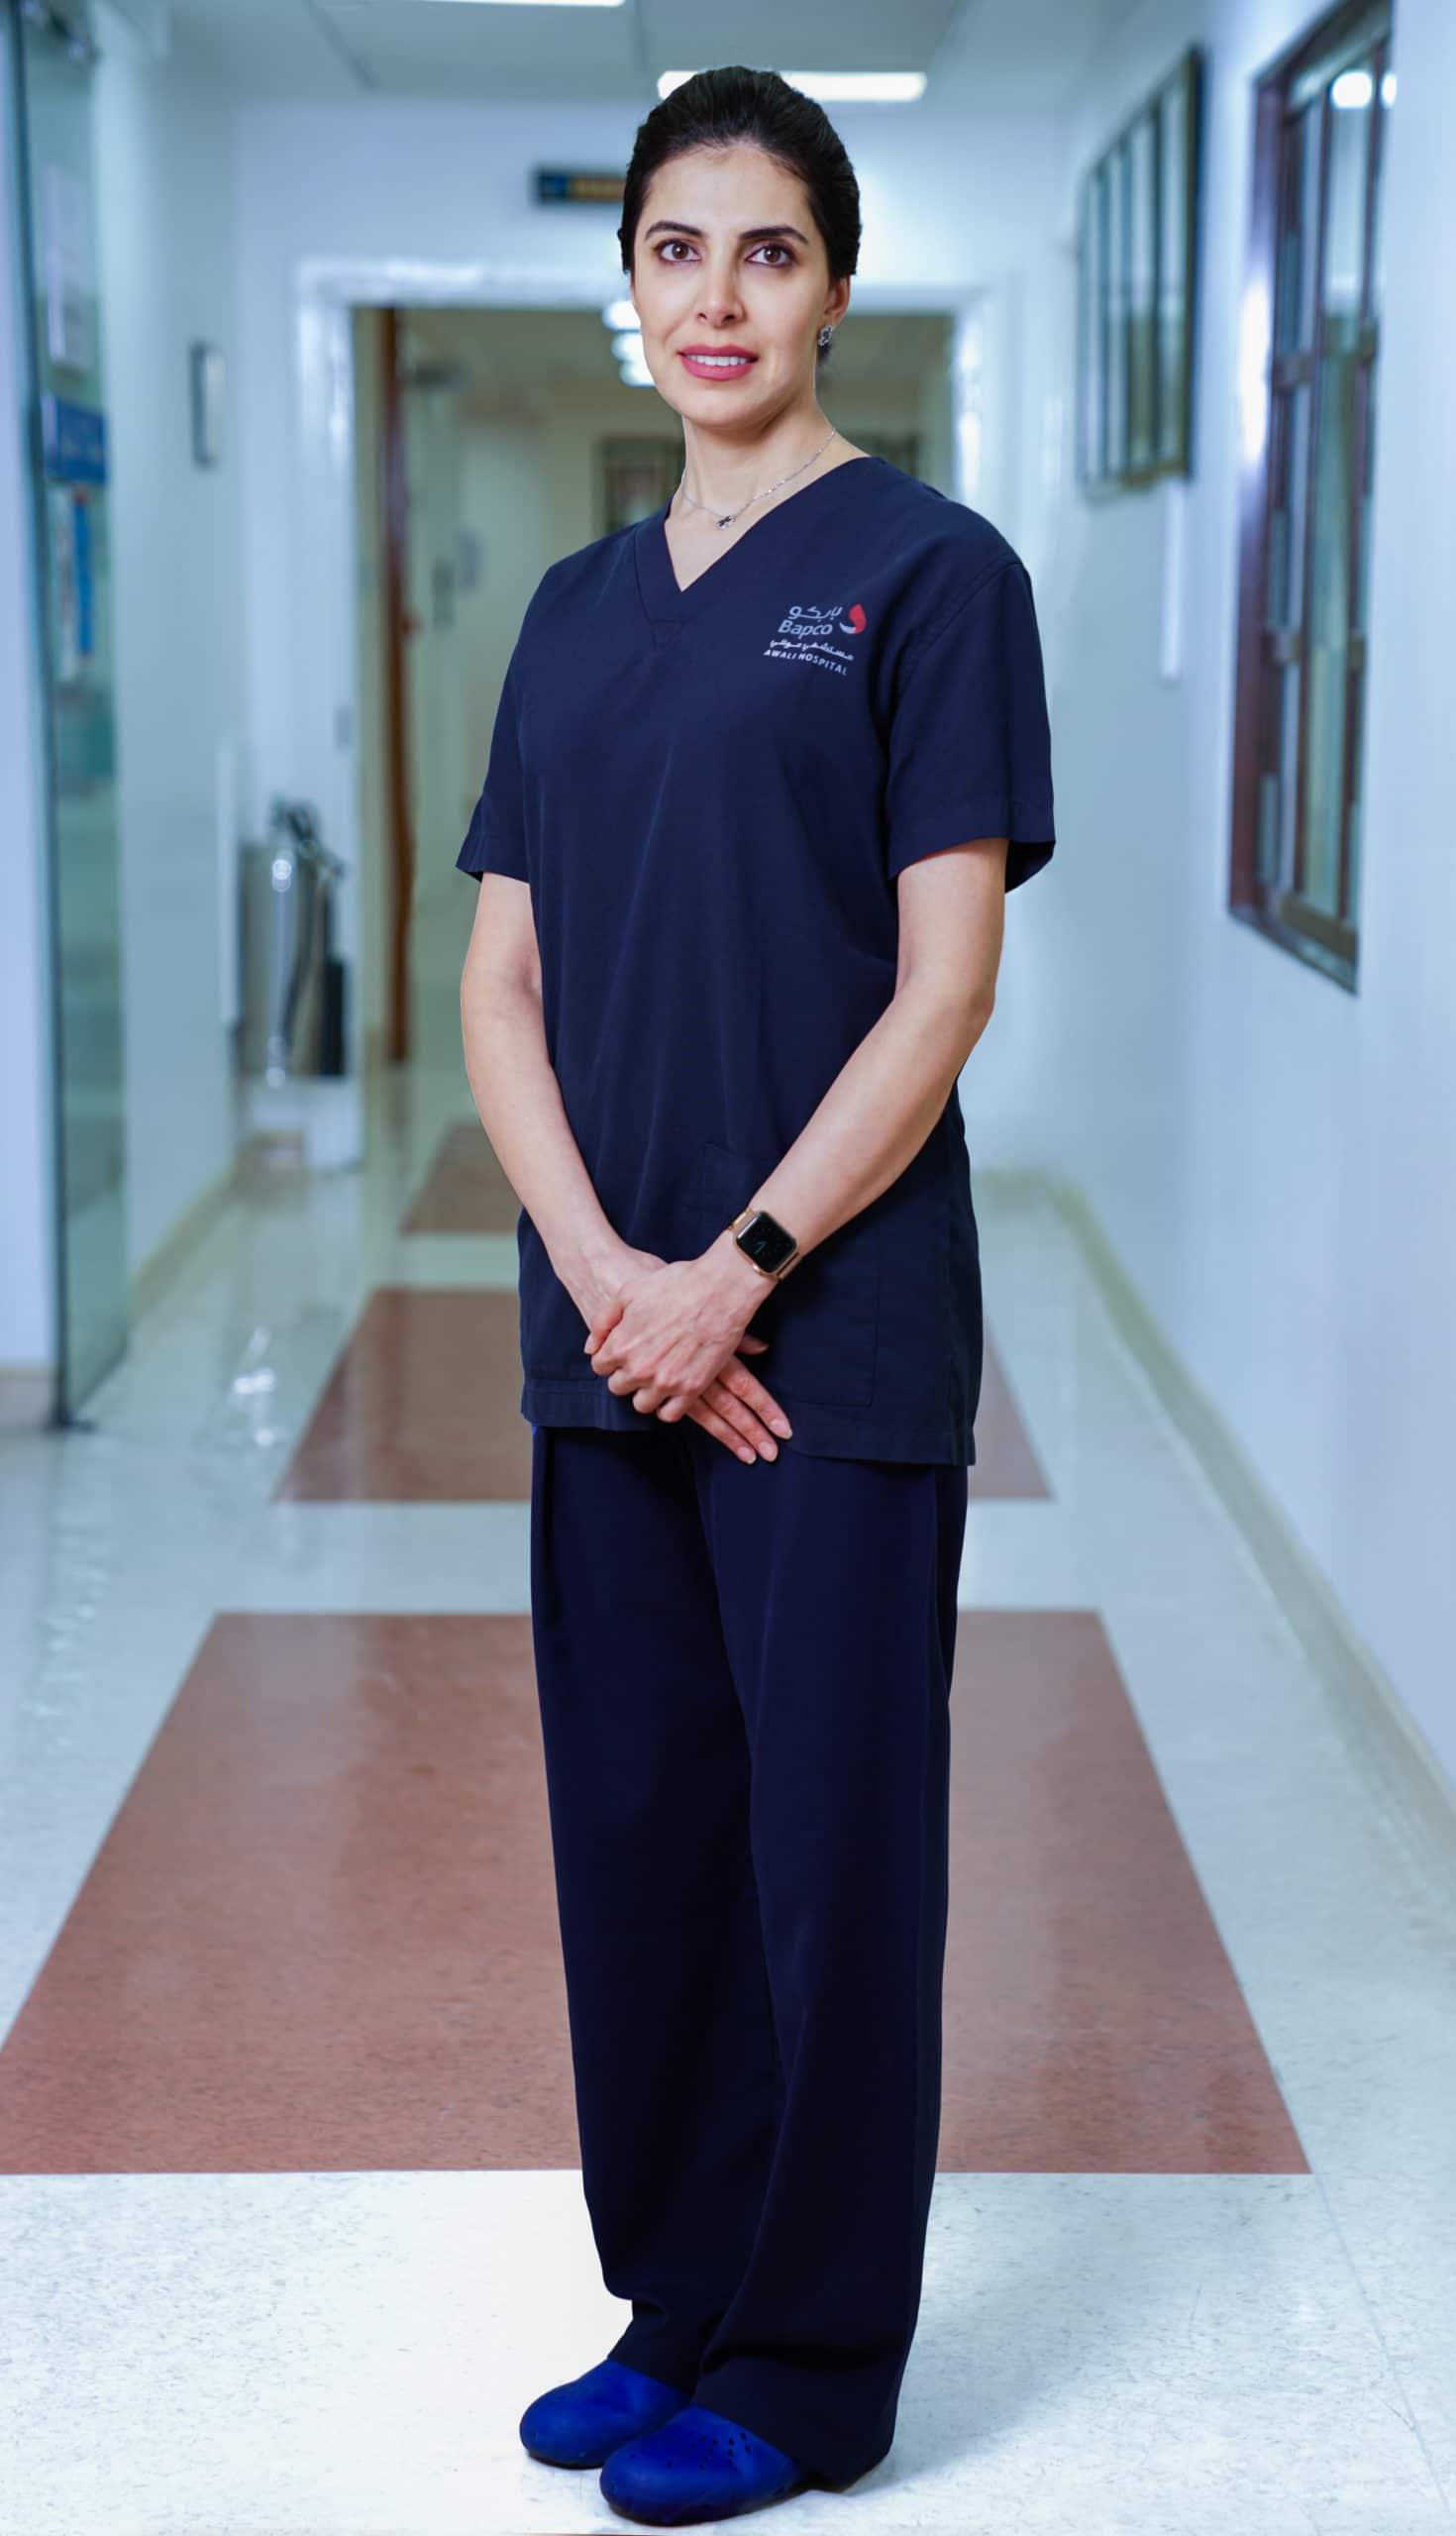 Consultant Rhinologist & Facial Plastic Surgeon